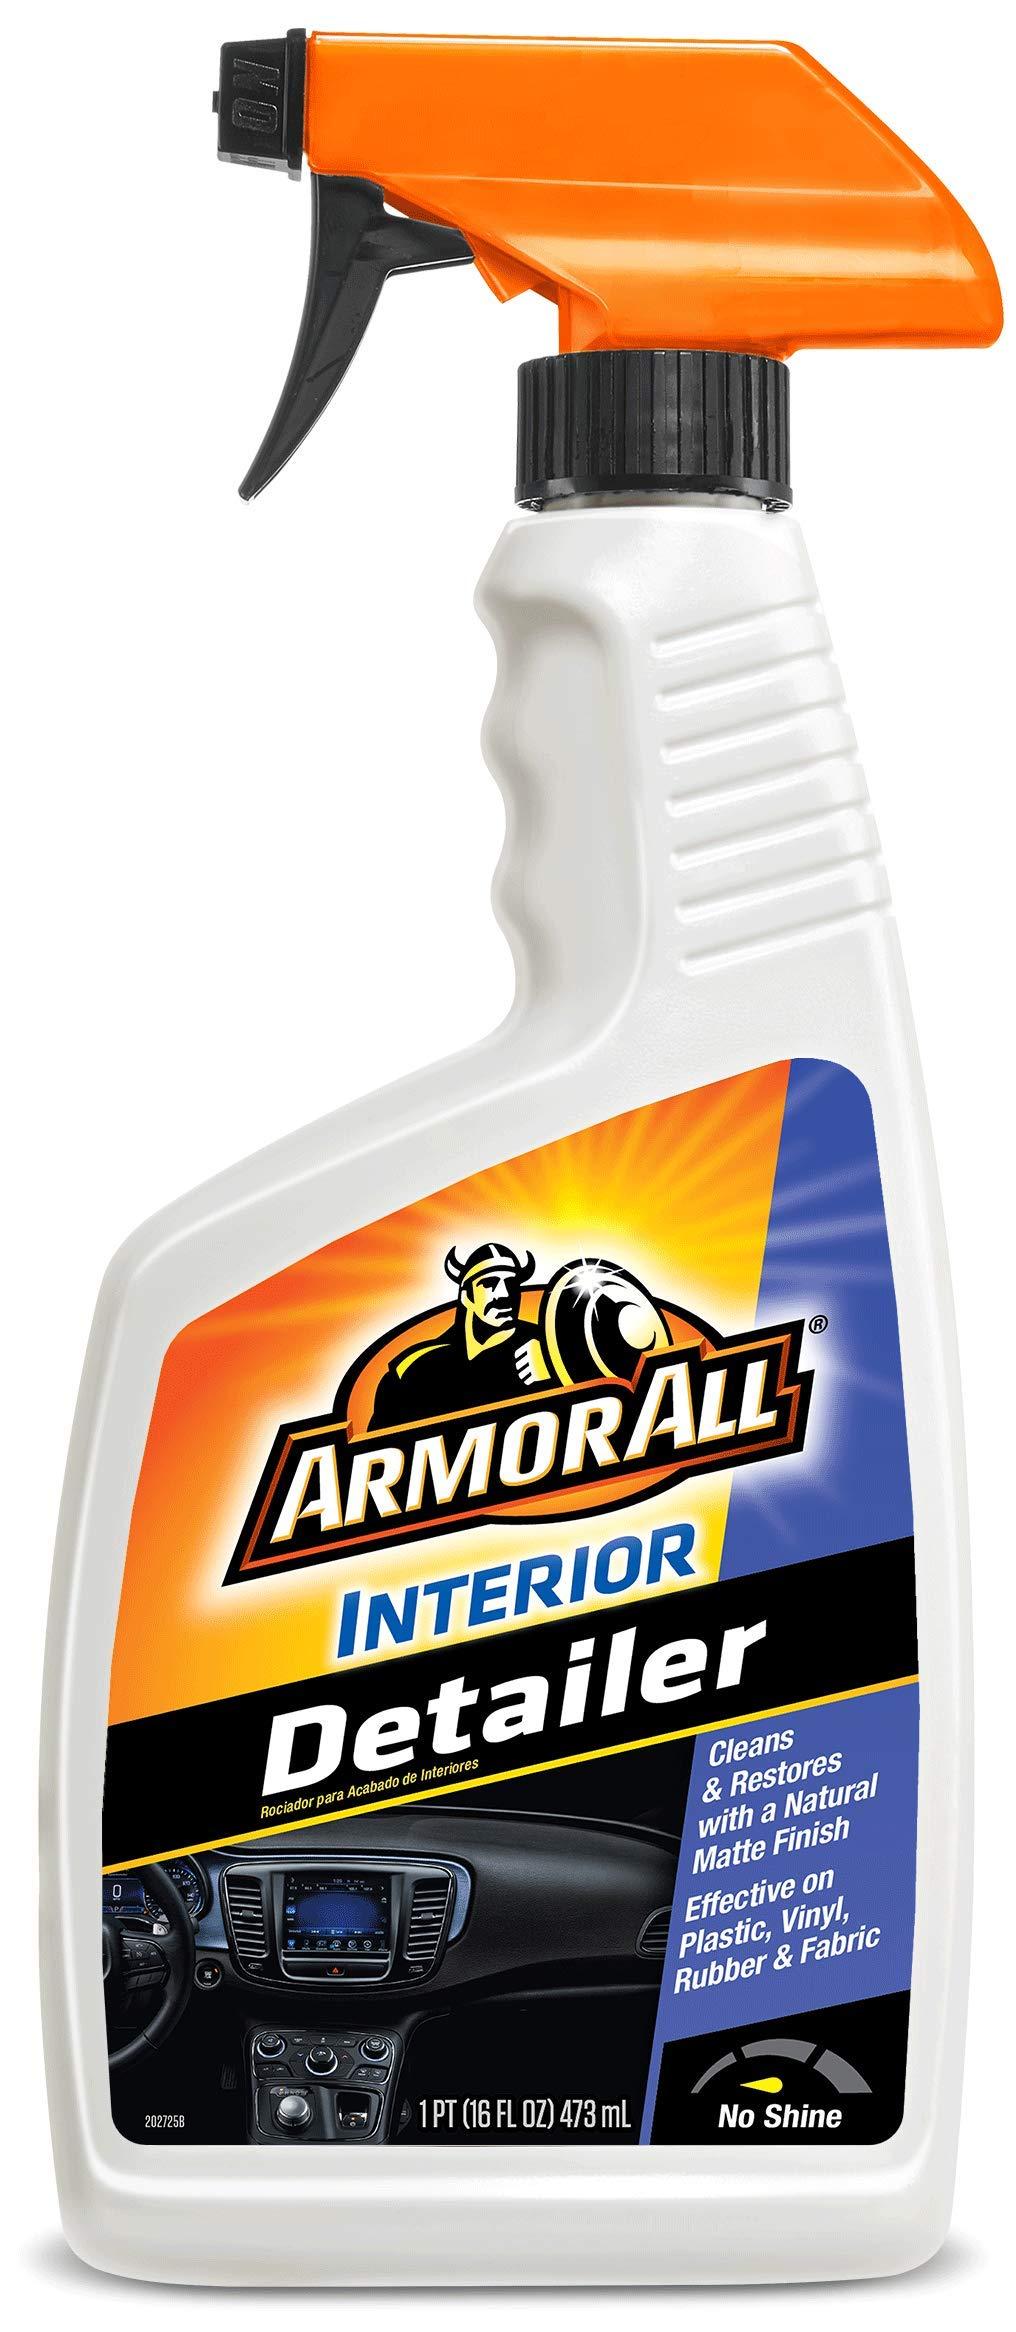 Armor All 18726 Interior Detailer, 32. Fluid_Ounces, 2 Pack